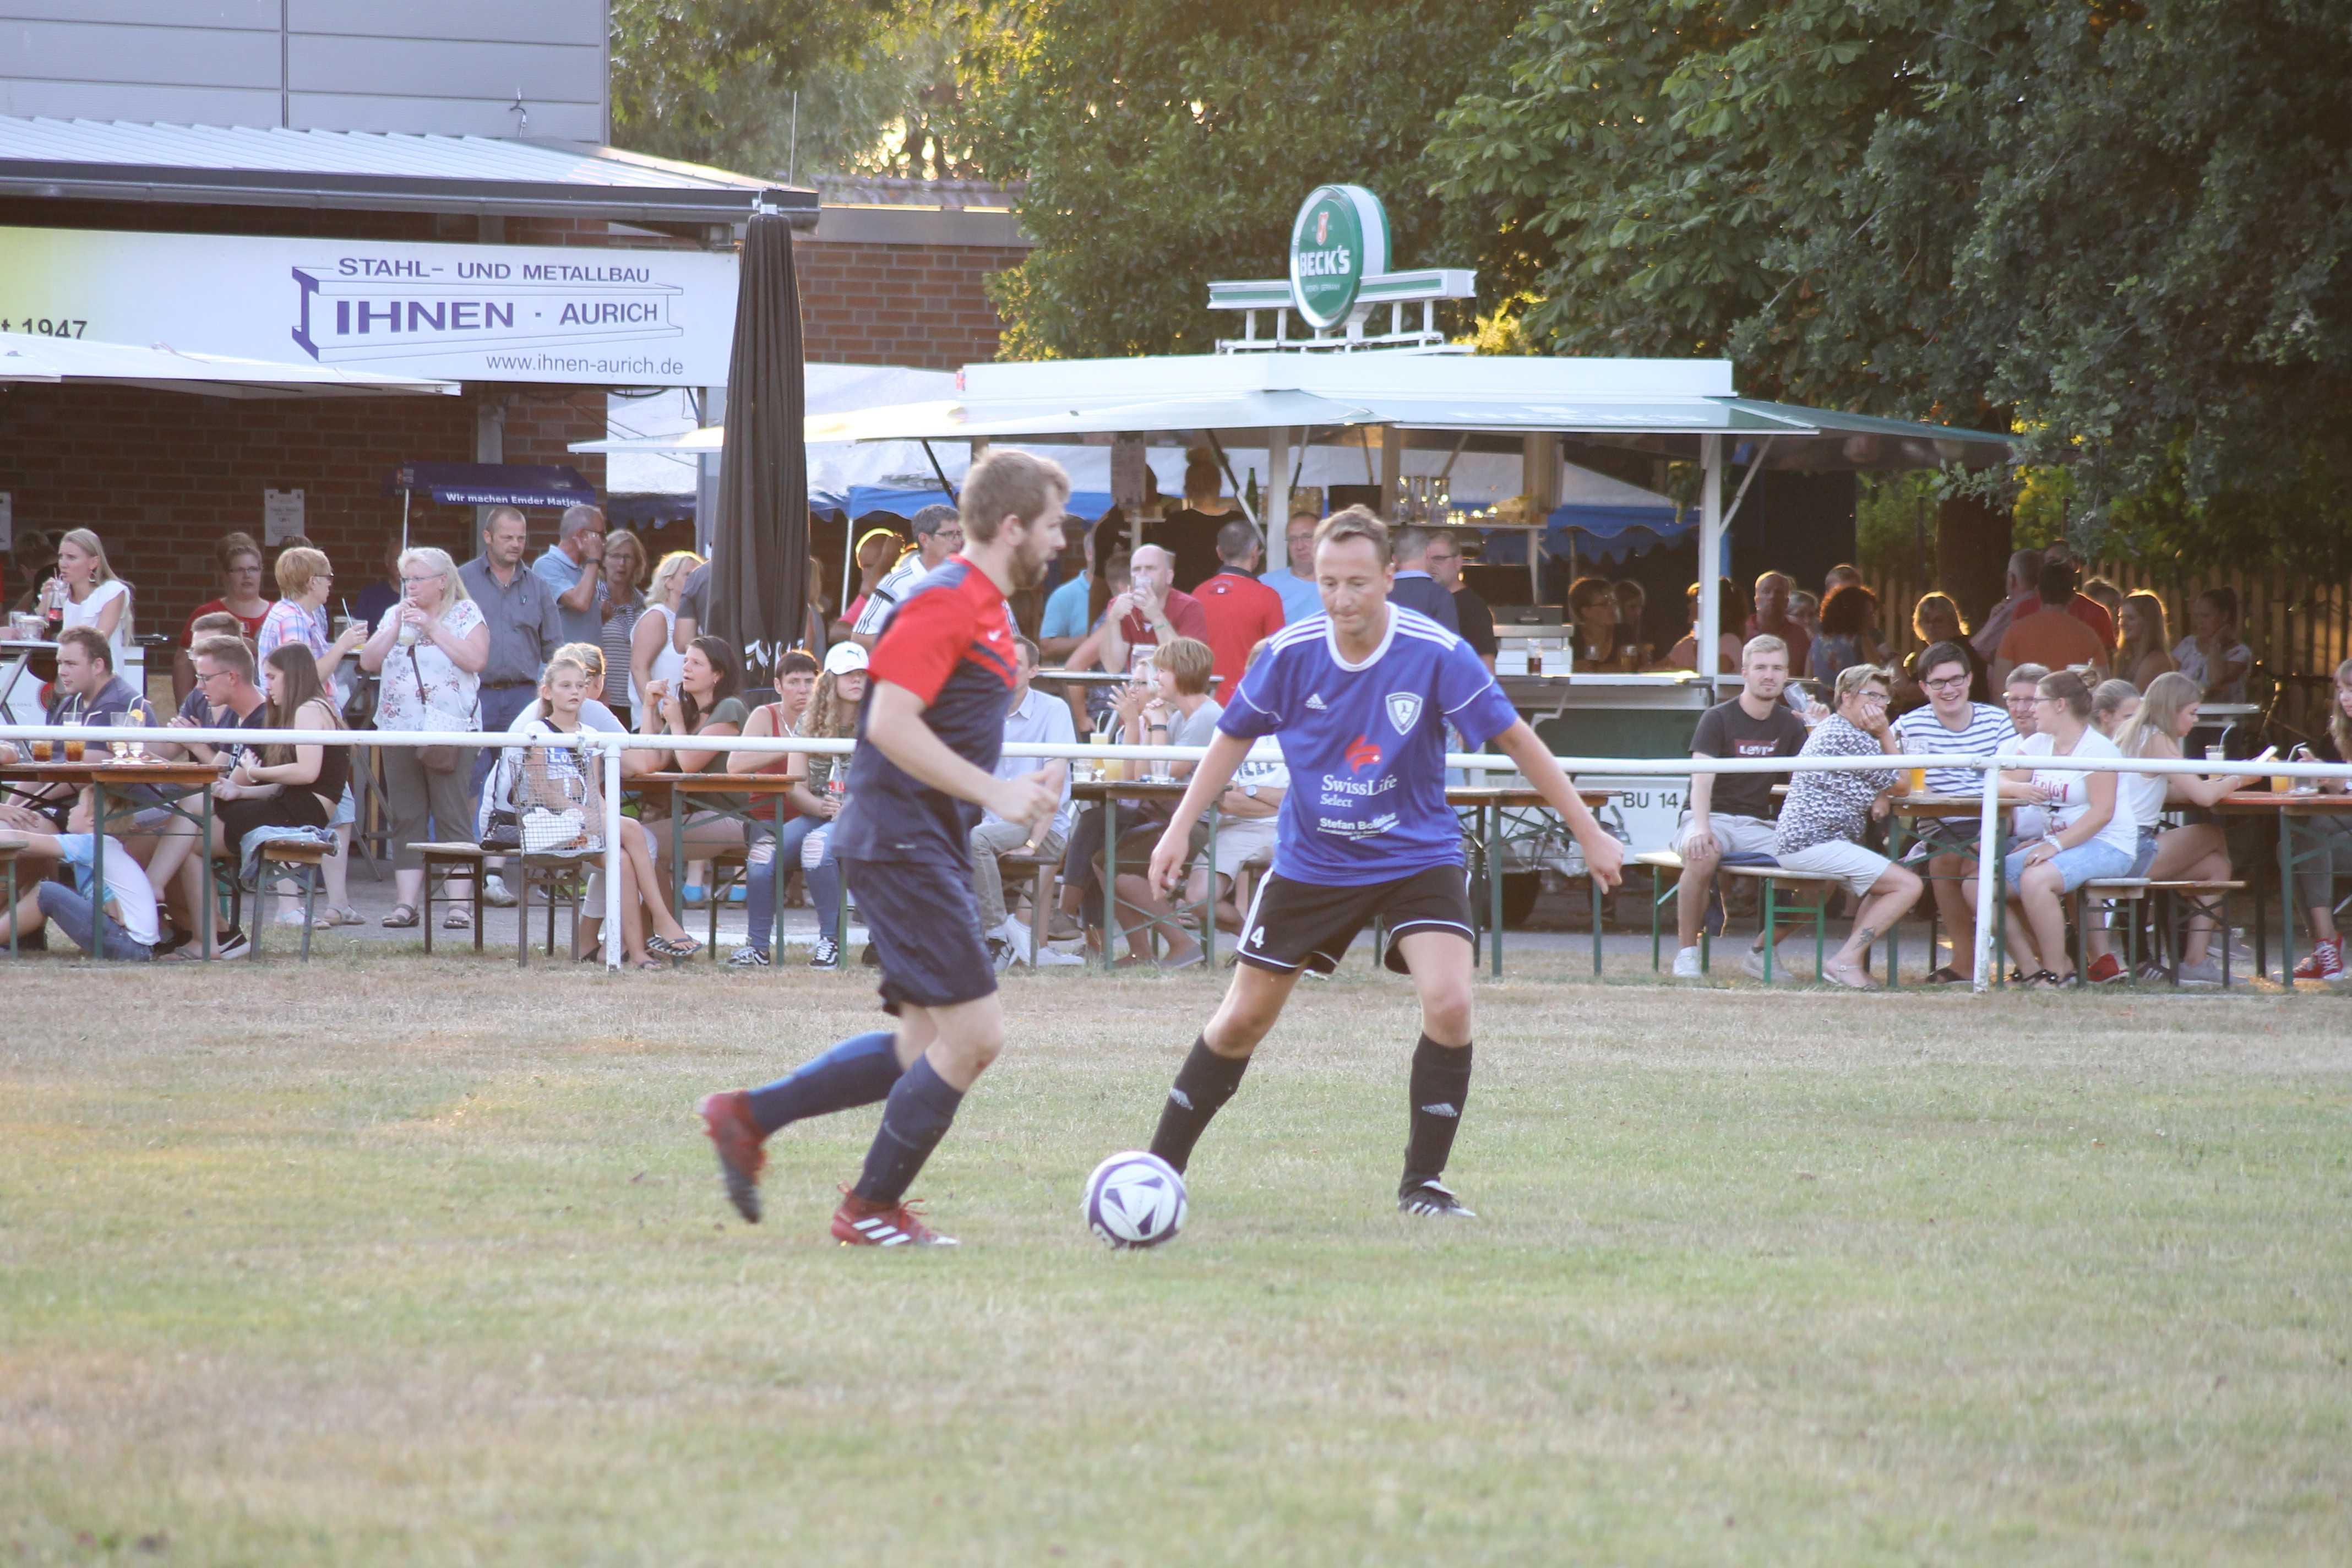 2018-08-02 Sportwoche - Cocktailabend & 2. Herrenturnier (42)